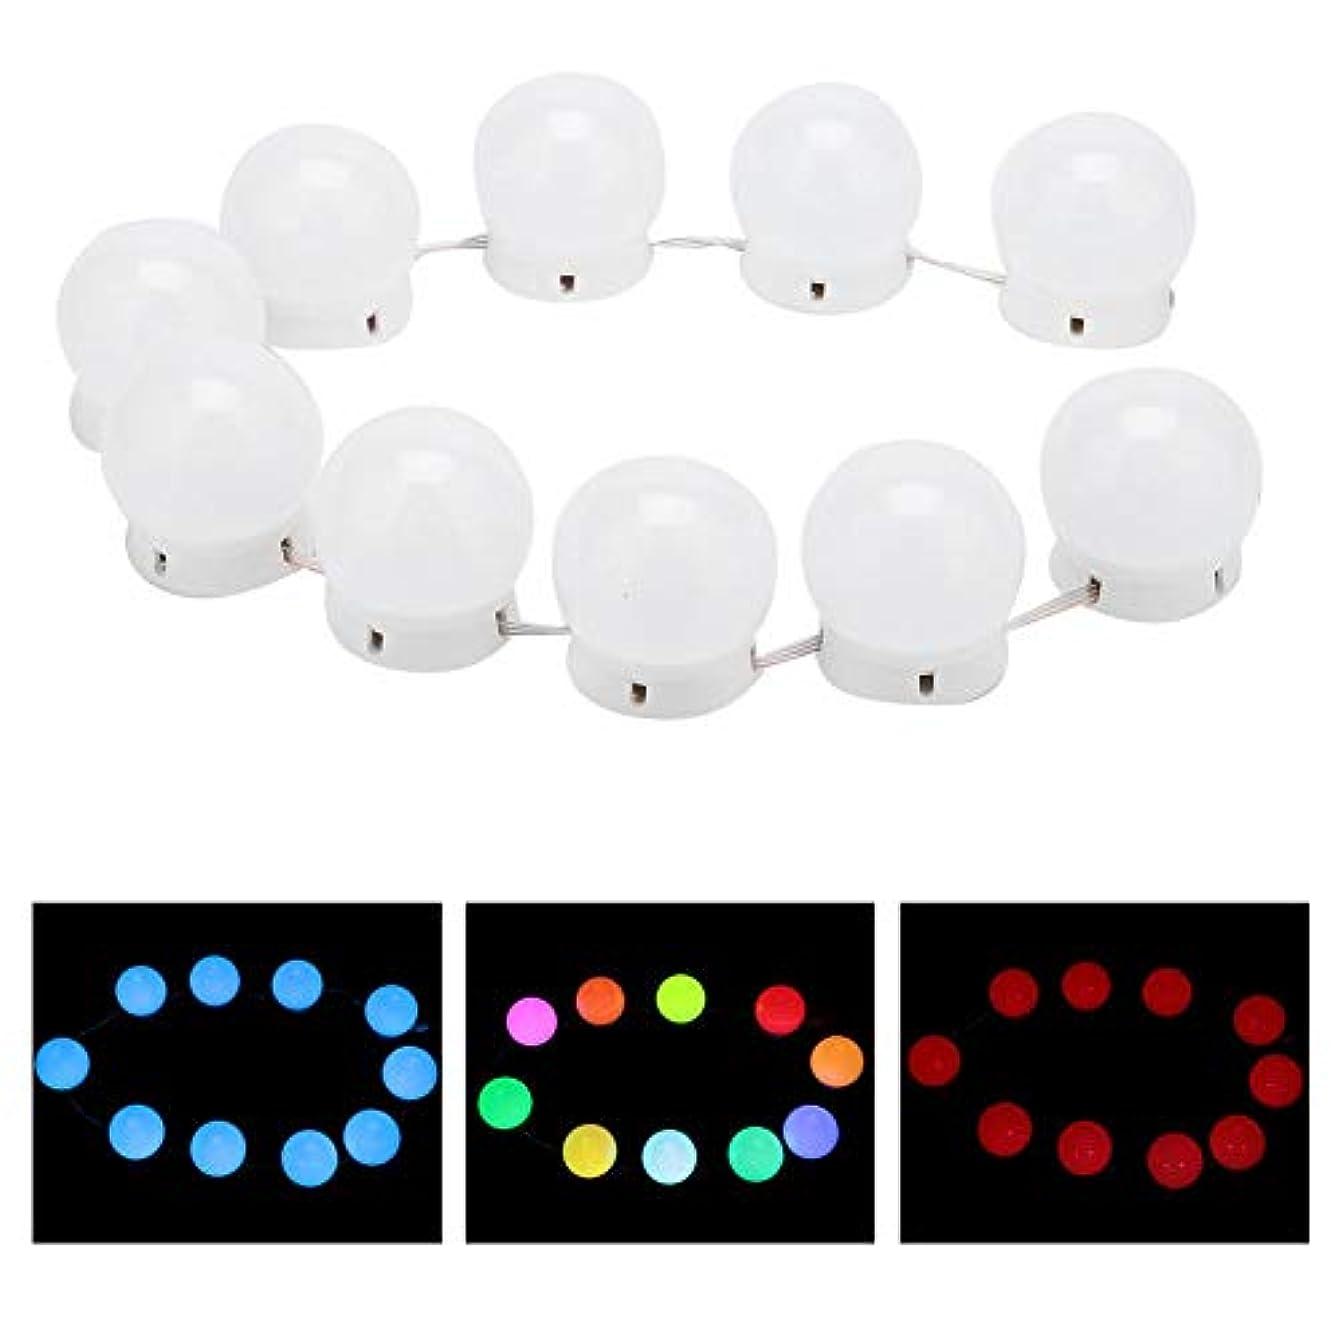 売る適切に実用的化粧鏡ラ??イトキット 10 LED付き調 光ライトストリング電球バニティライト化粧鏡に最適 バスルームの照明